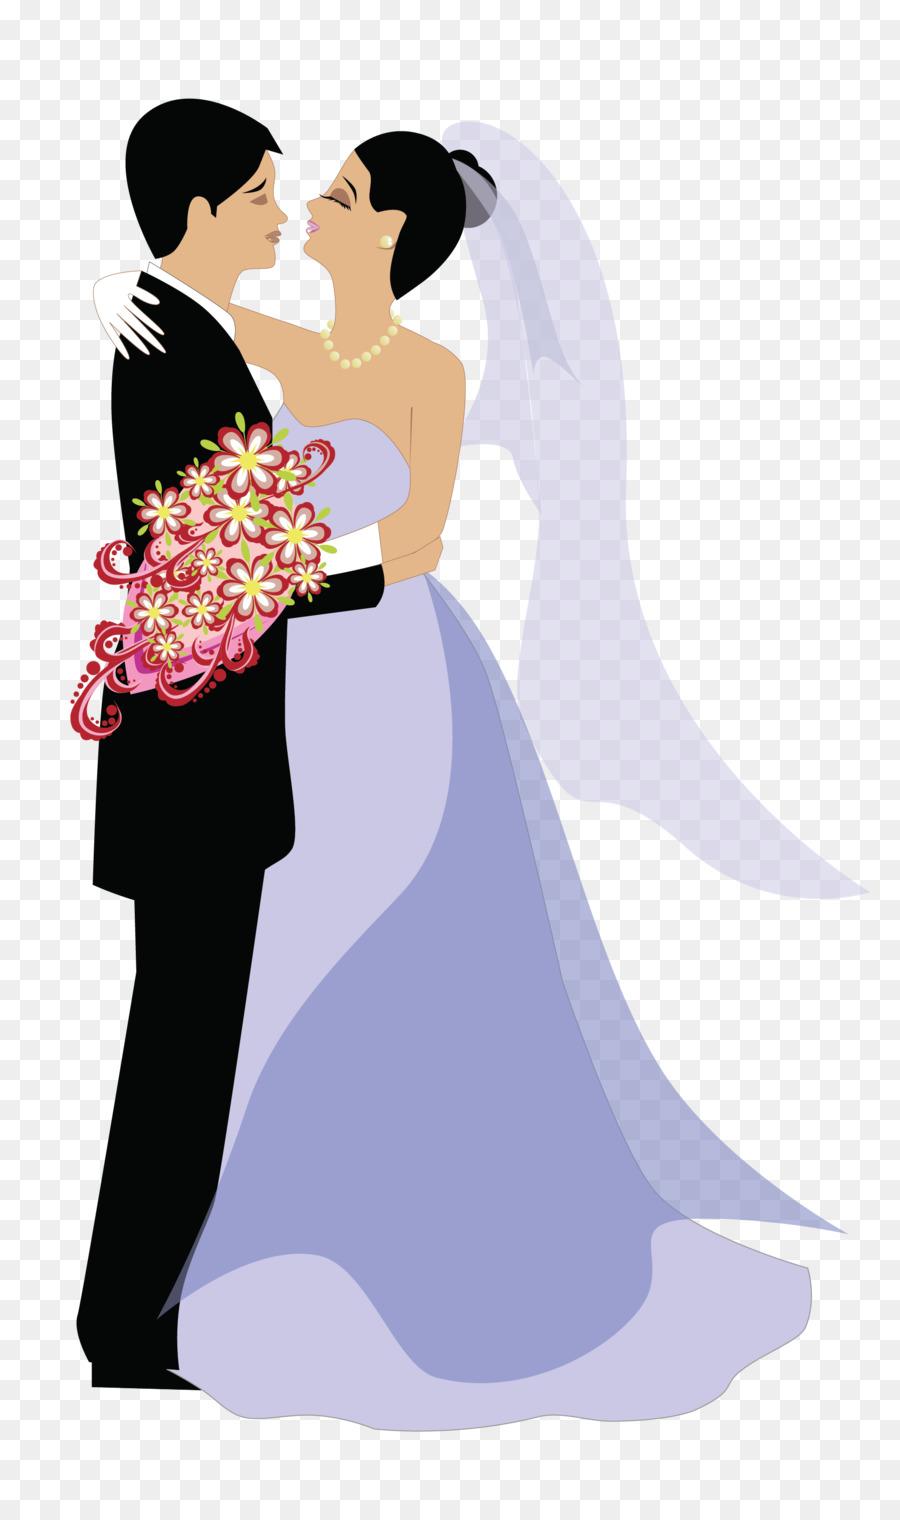 Invitación de la boda el Novio Clip art - De la boda el matrimonio ...